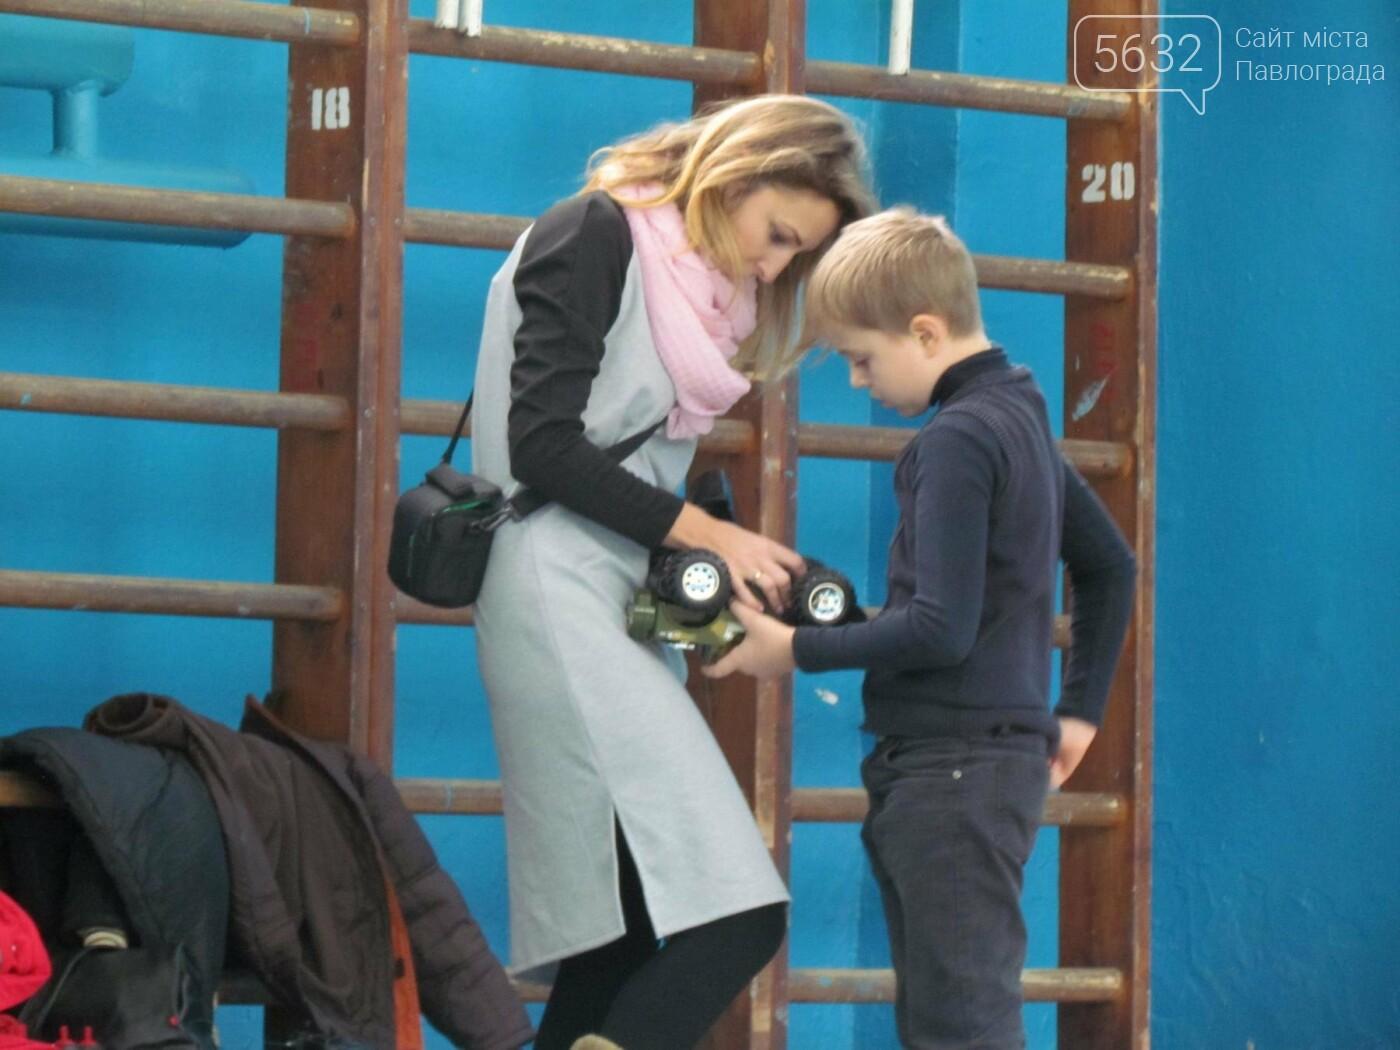 Павлоградские школьники сразились в гонке радиоуправляемых автомоделей, фото-7